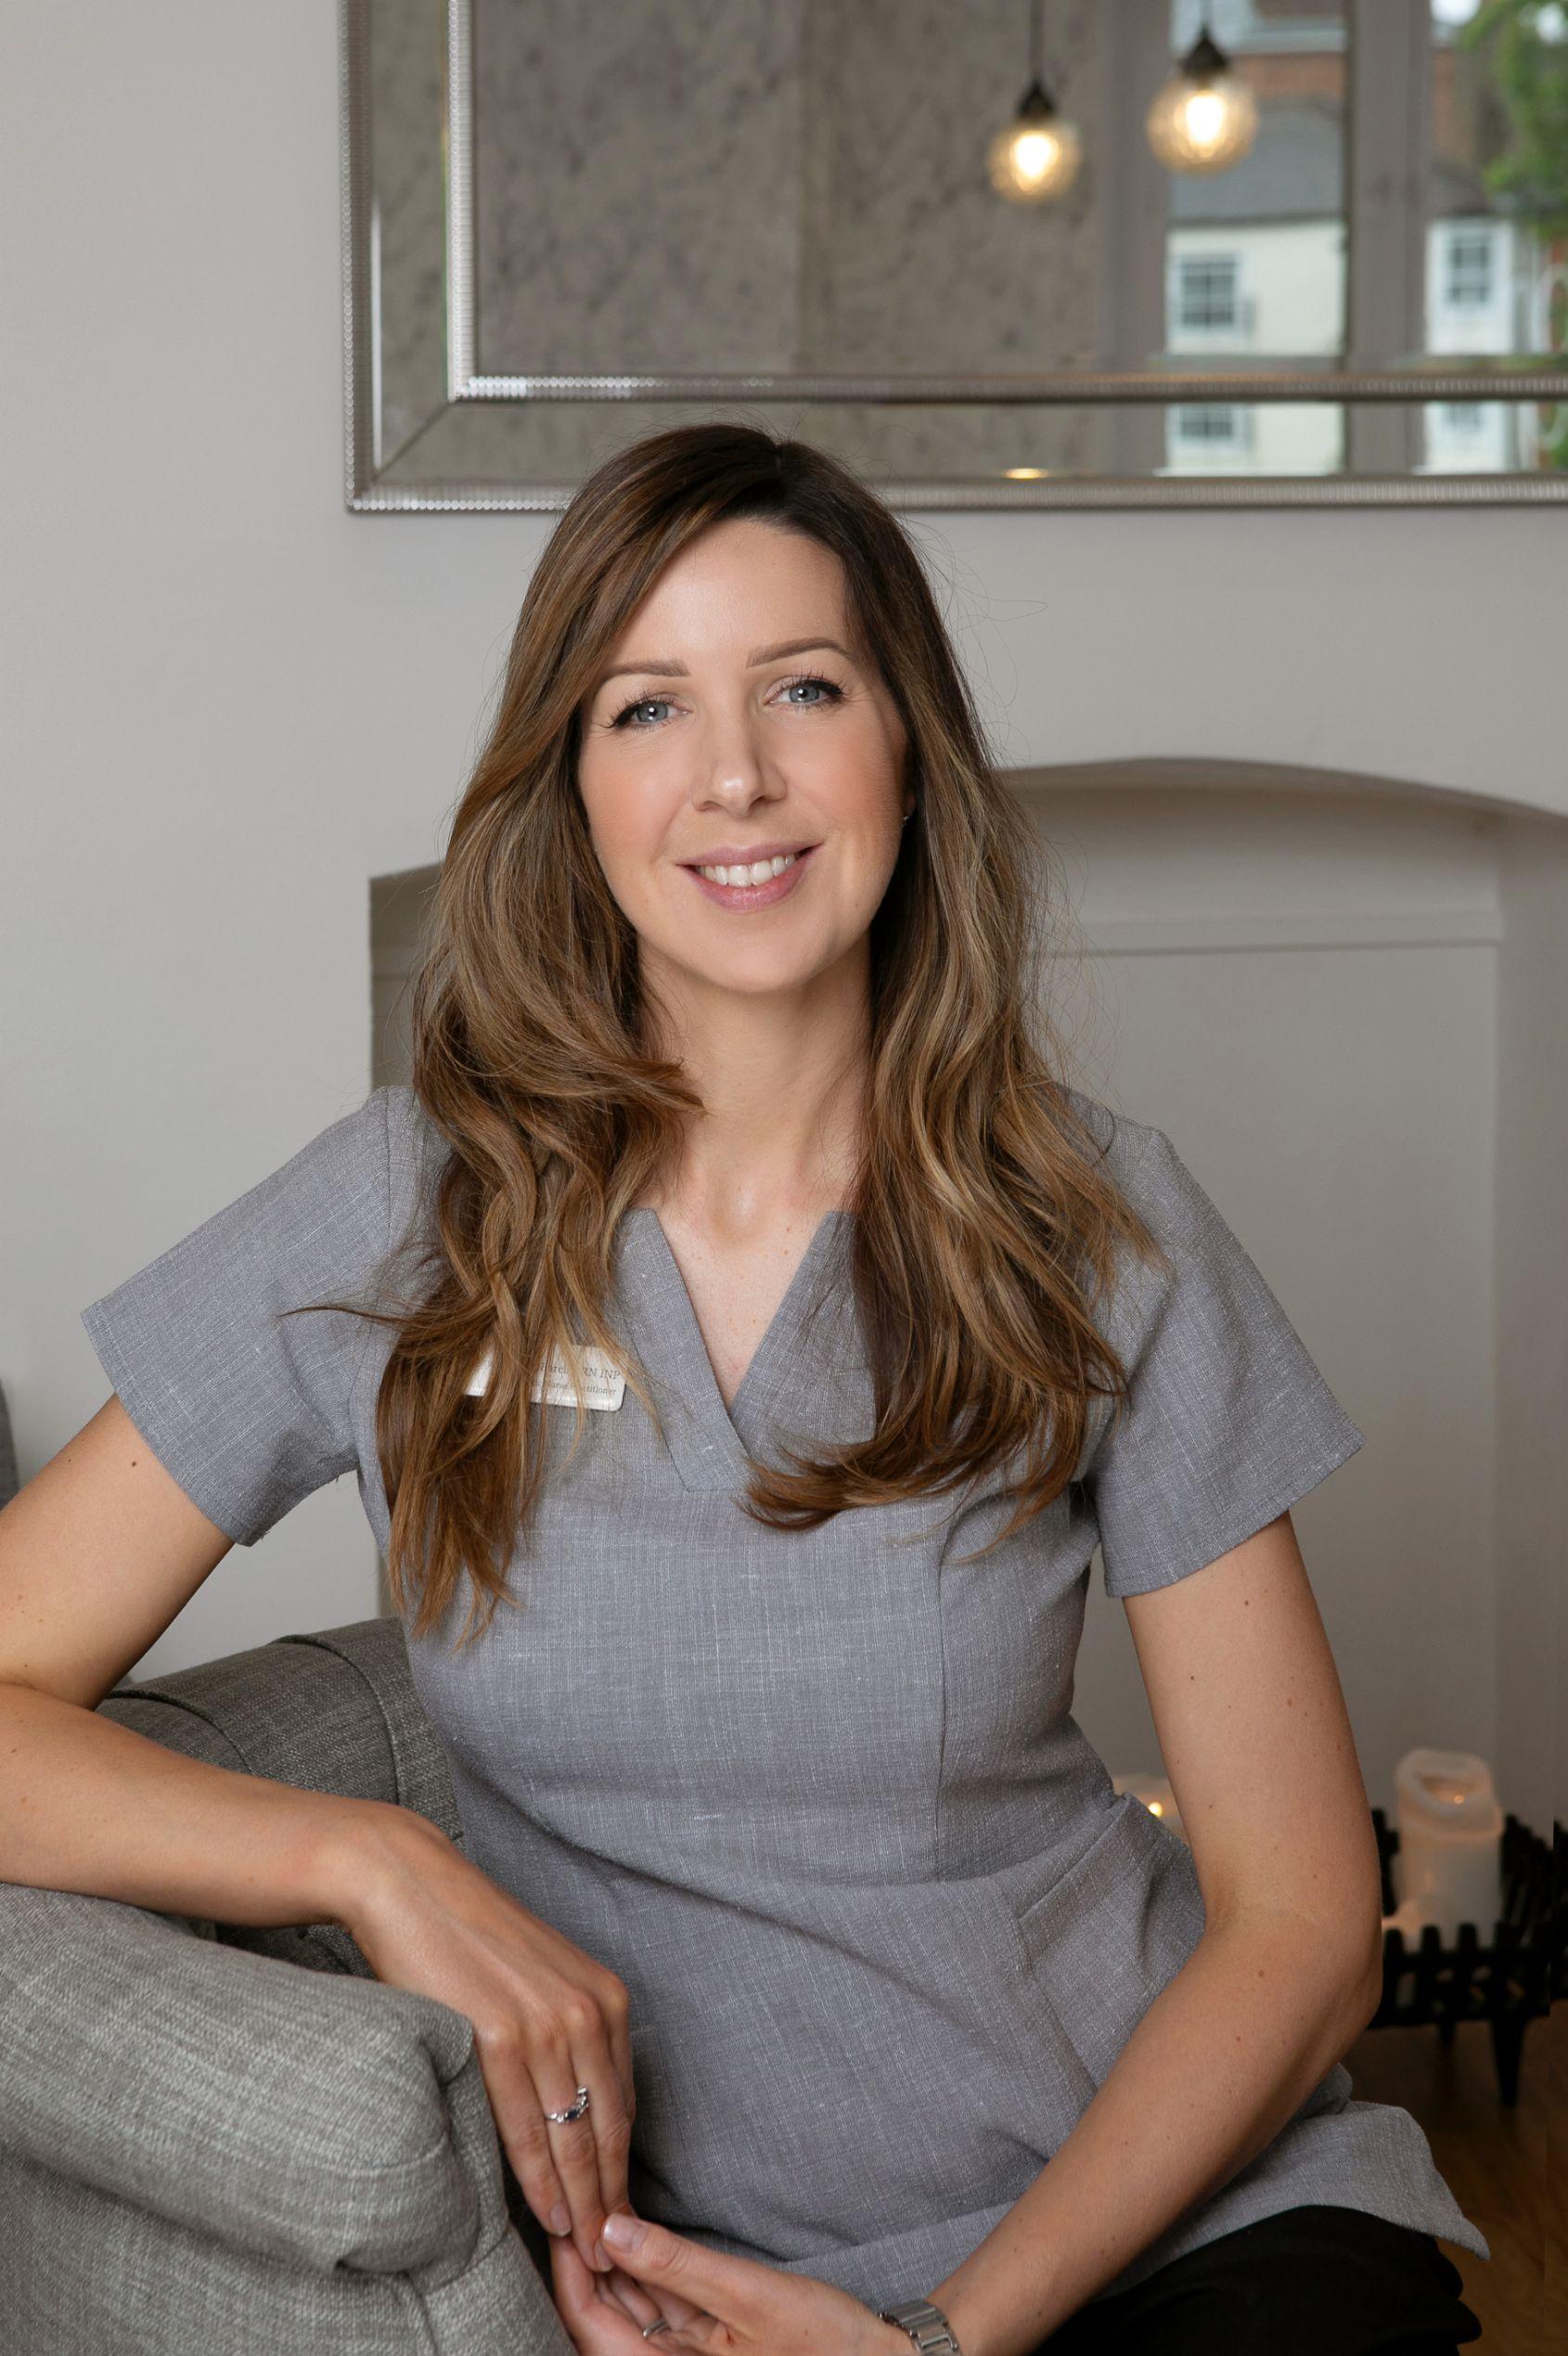 Jenna Barclay Aesthetic Nurse, Eterno 360 UK